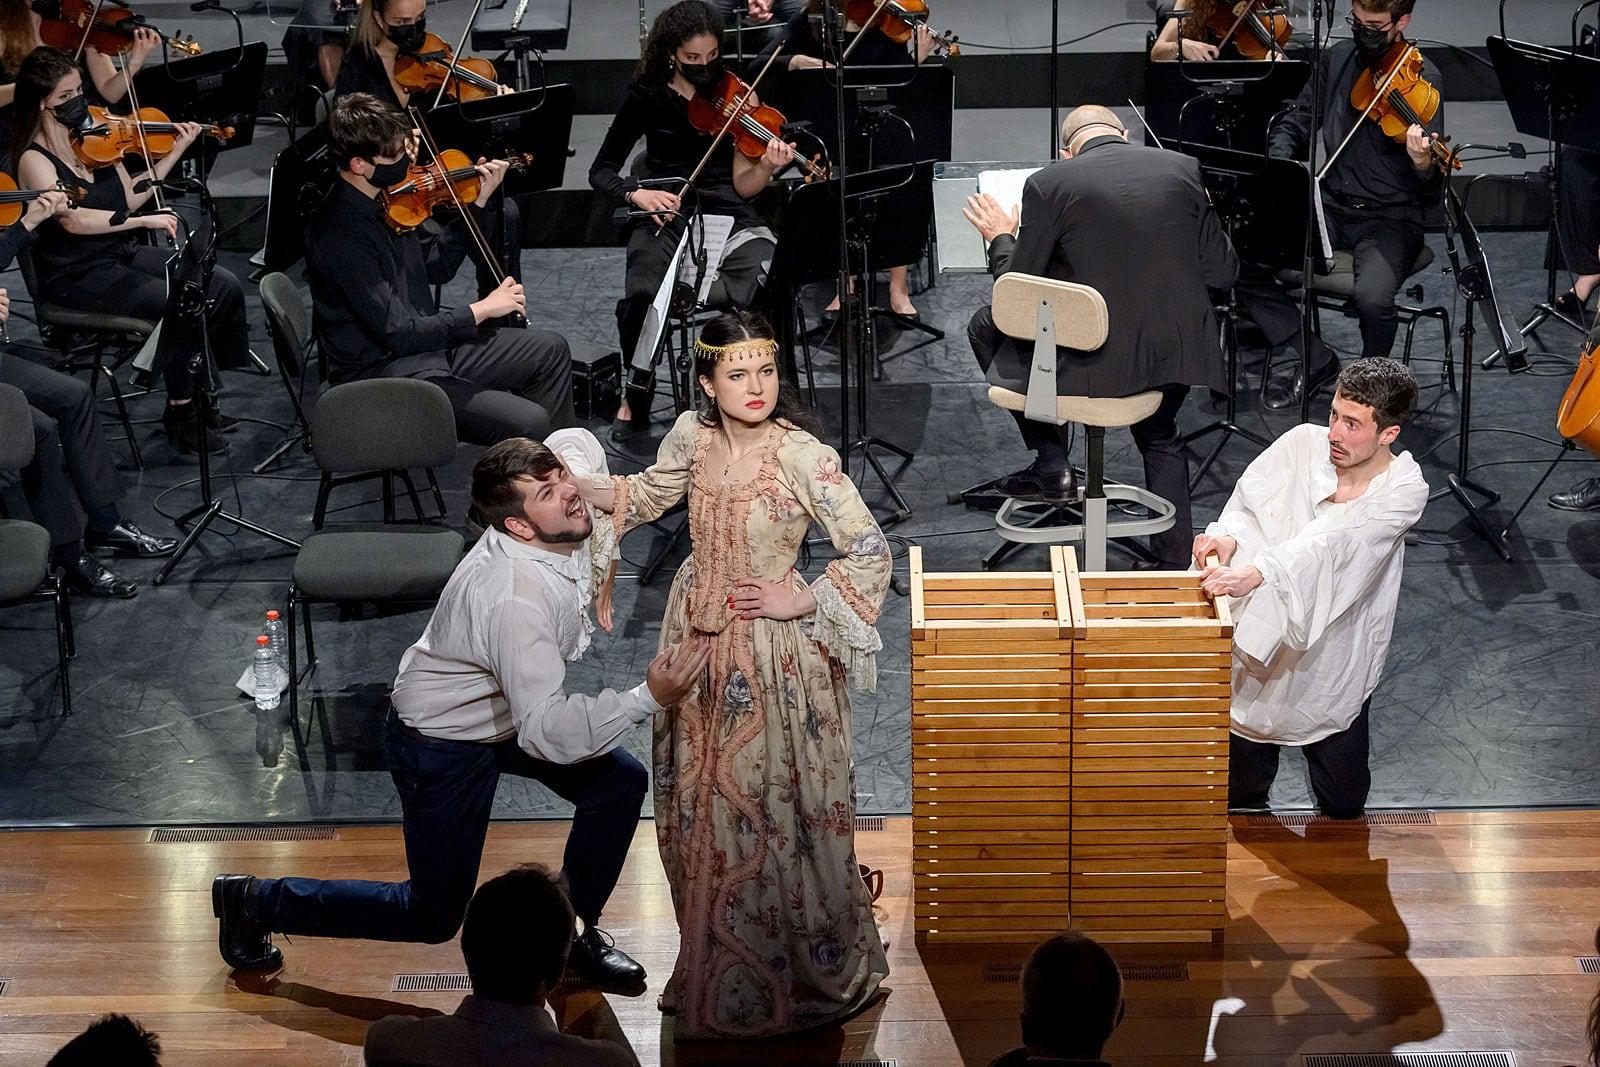 Representació de La principessa filosofa pels estudiants de l'escola de música al Liceu, el 30 d'abril. Fotografia D'Antoni Bofill.